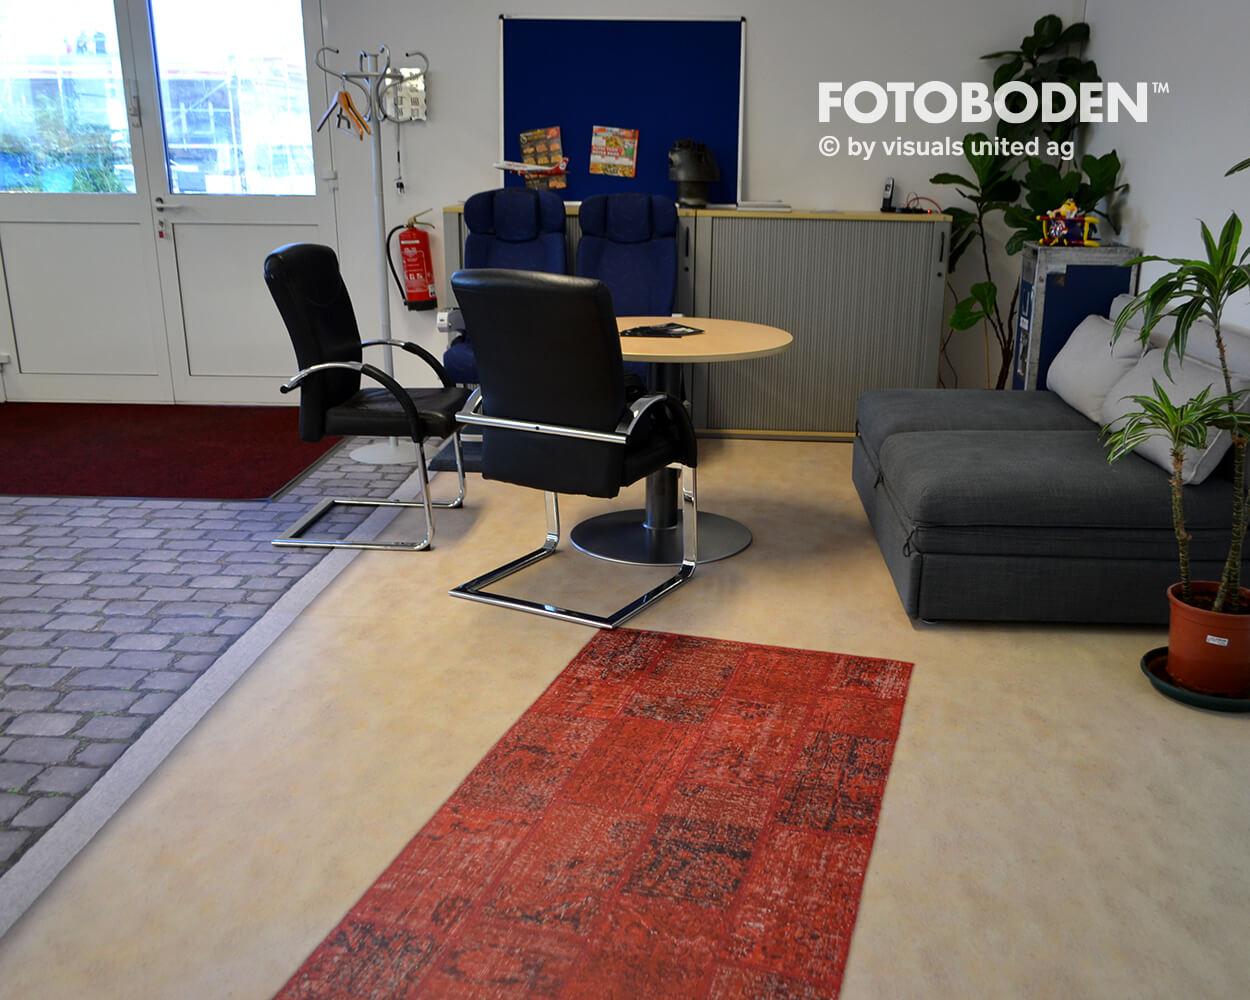 Fotoboden vinylboden Bodenbelag